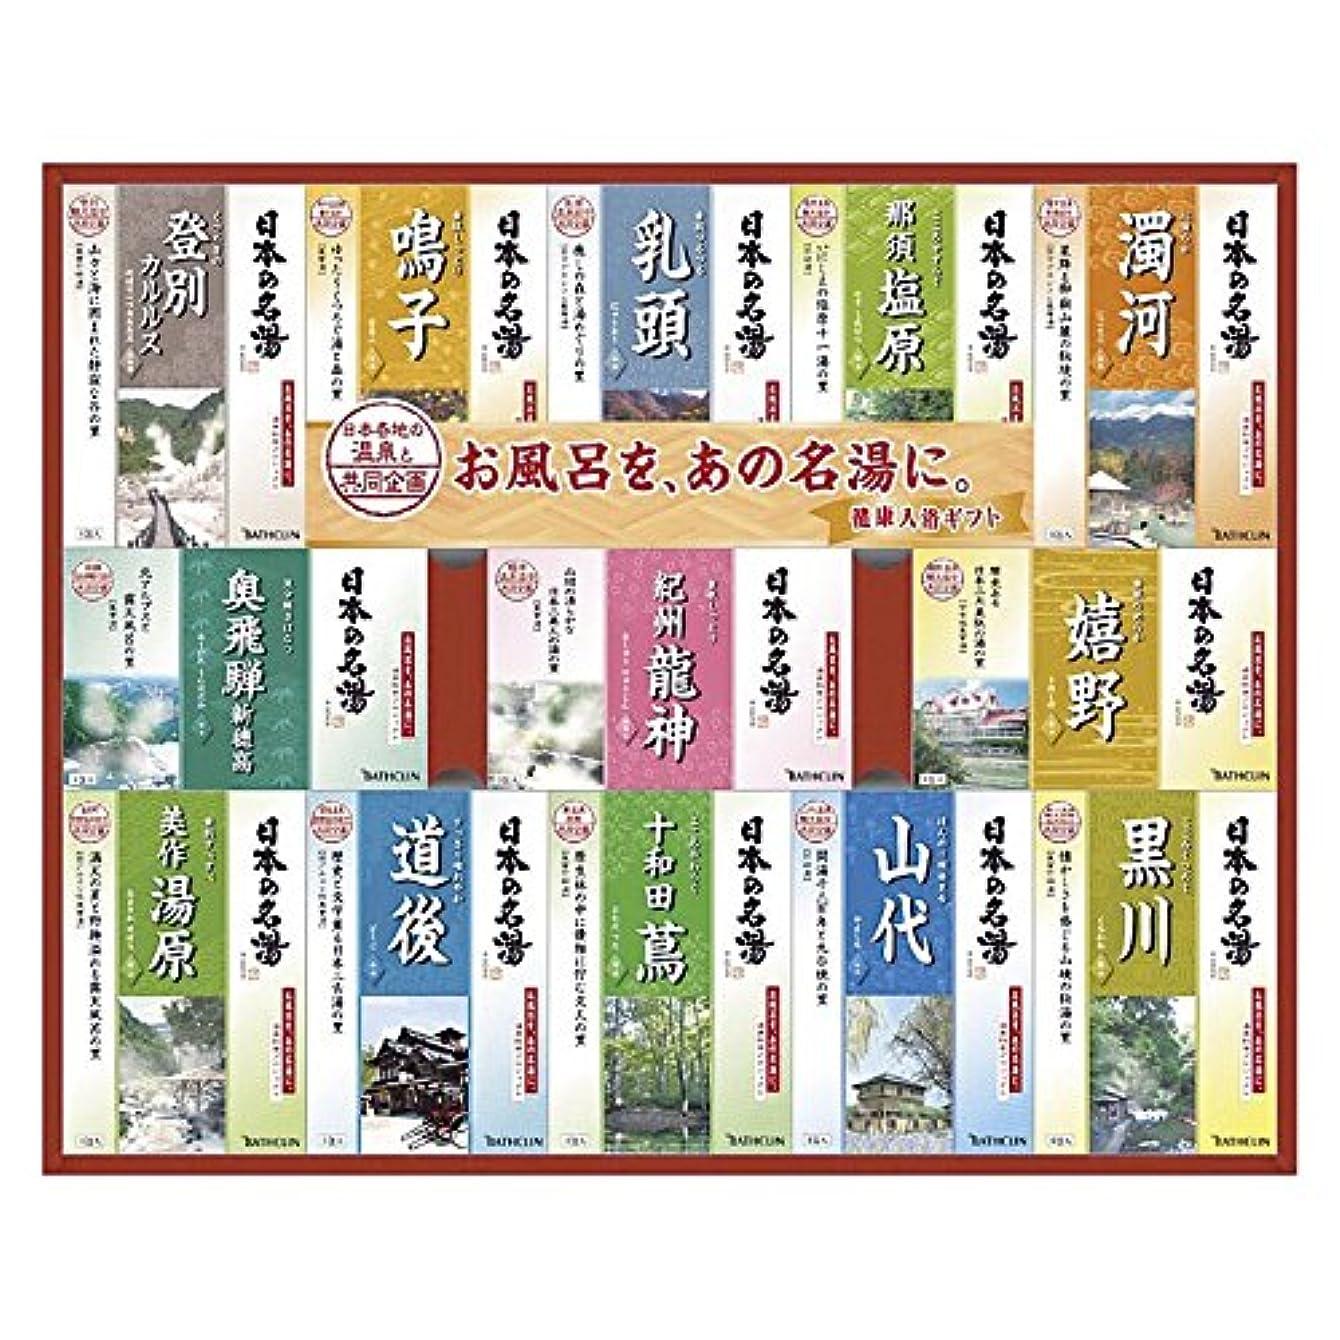 現実的助言着飾るバスクリン 日本の名湯 ギフトセット NMG-50F 【個包装 セット 詰め合わせ 疲労回復 ご褒美 贅沢 プチギフト 温まる 温泉 粉 ご当地 まとめ買い 名湯 リラックス 美肌 つめあわせ やさしい やすらぎ】